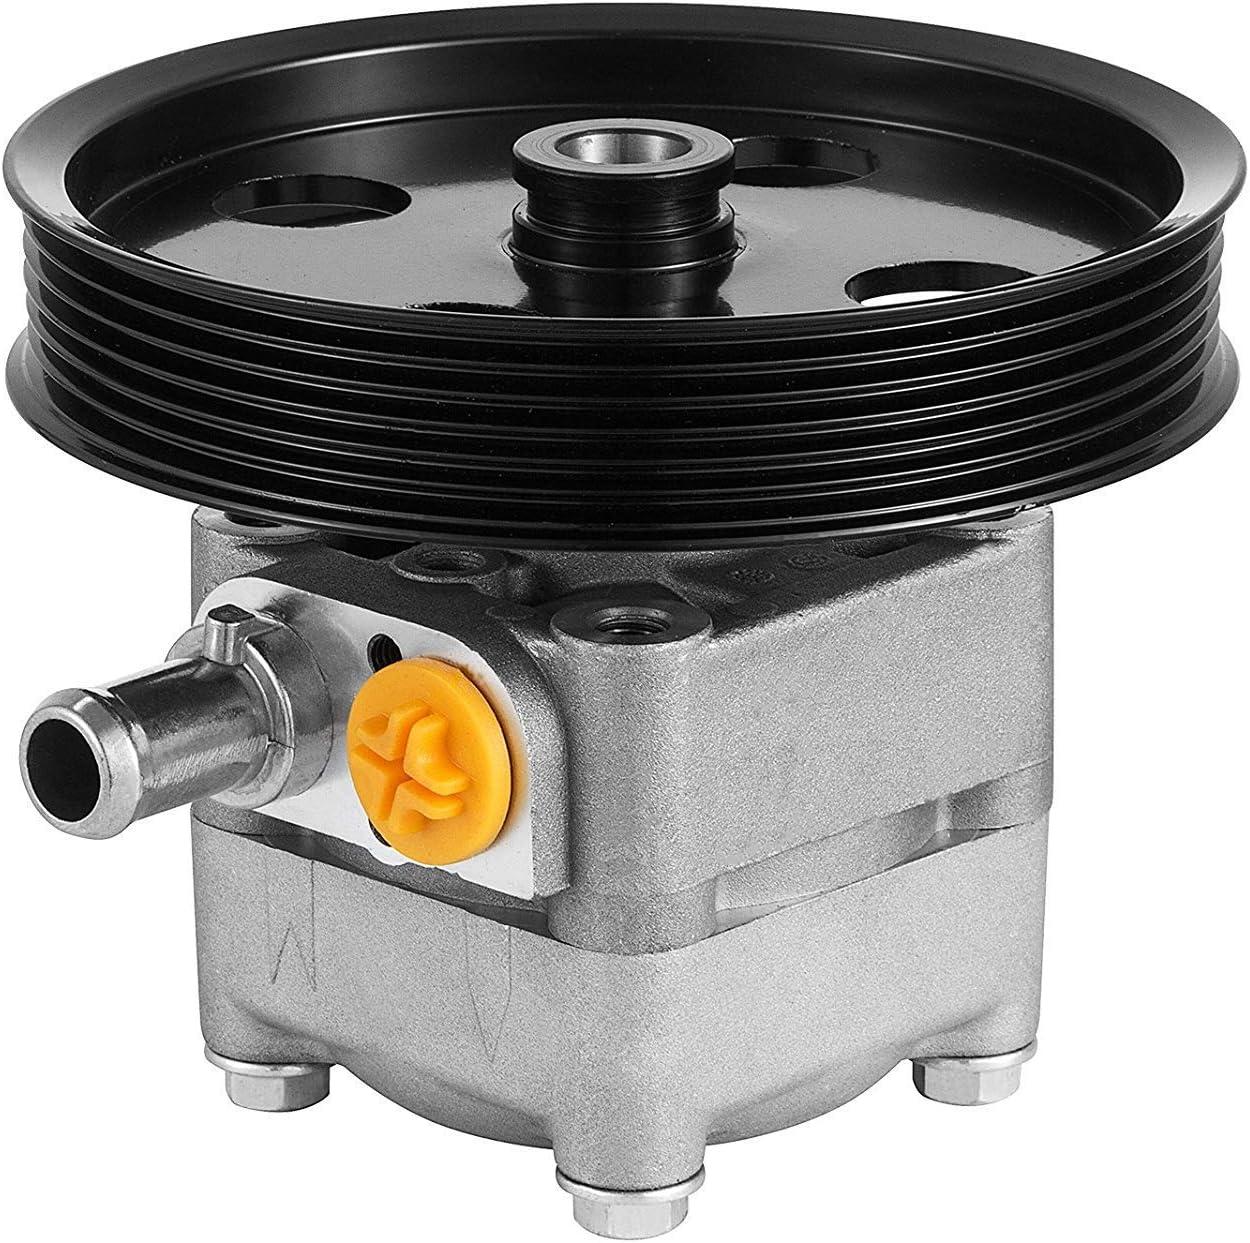 OldFe S60 S70 S80 Lenkungspumpe Hydraulikpumpe C70 Servolenkung Pumpe V70 XC70 Servopumpe lenkung